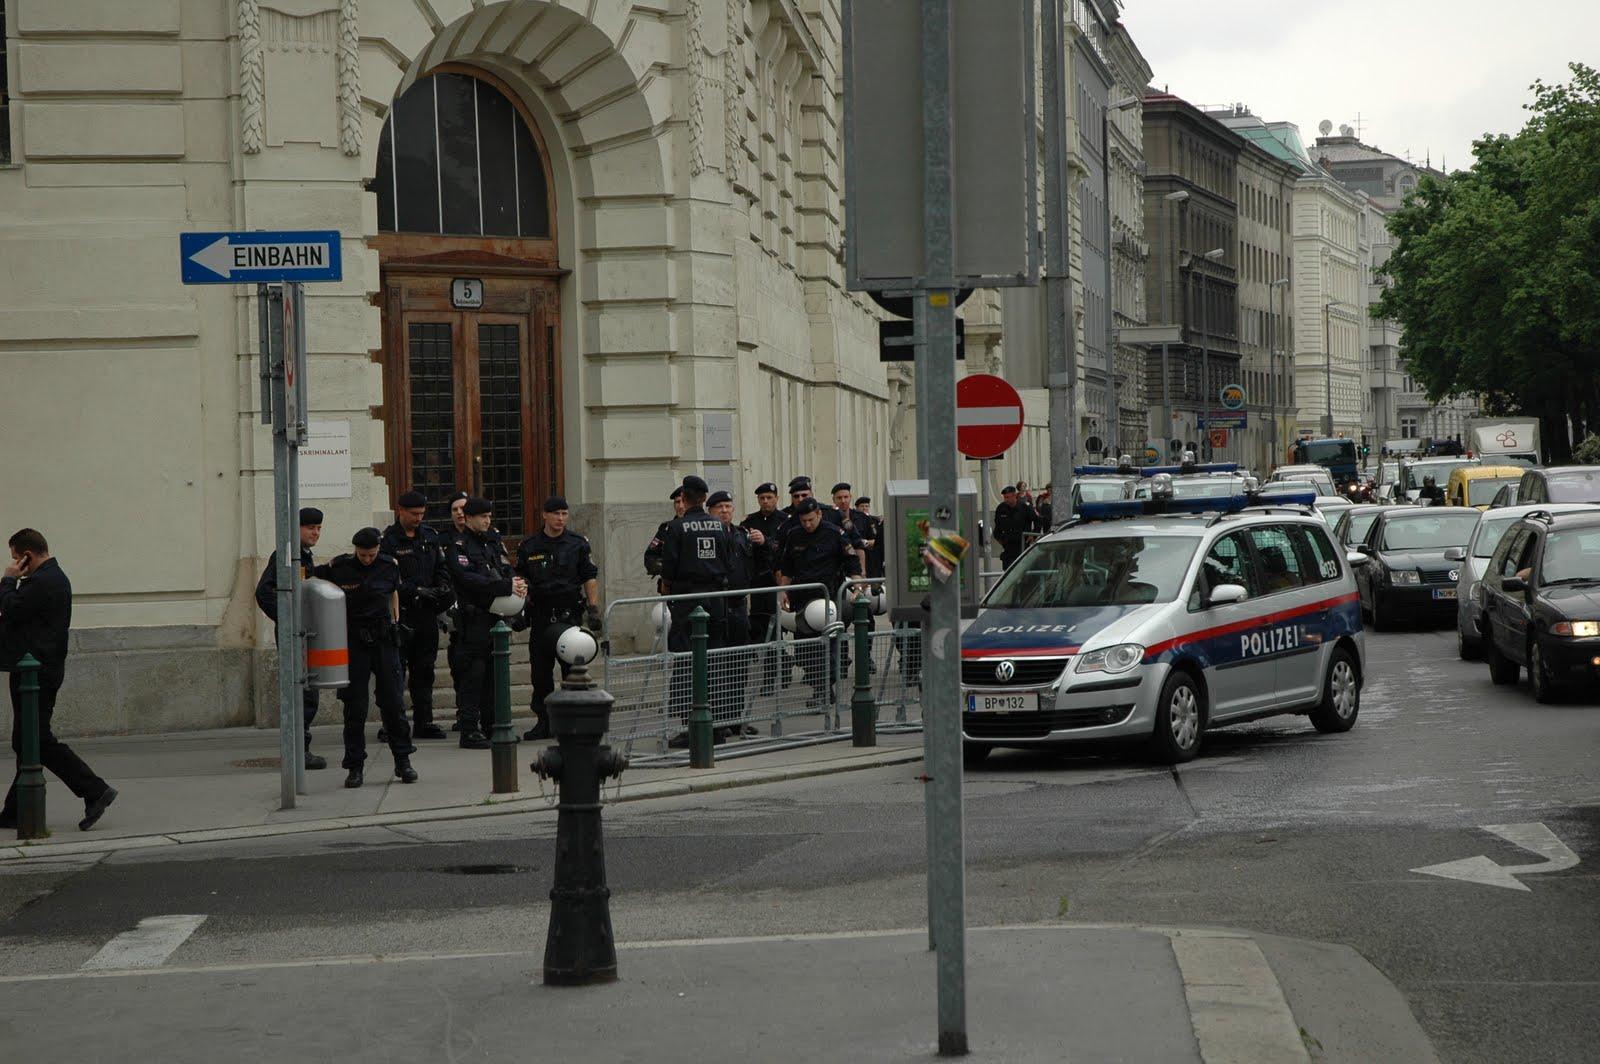 Le Polizeianhaltezentrum (PAS) de Vienne, protégé lors d'une manifestation de soutien aux sans-papiers